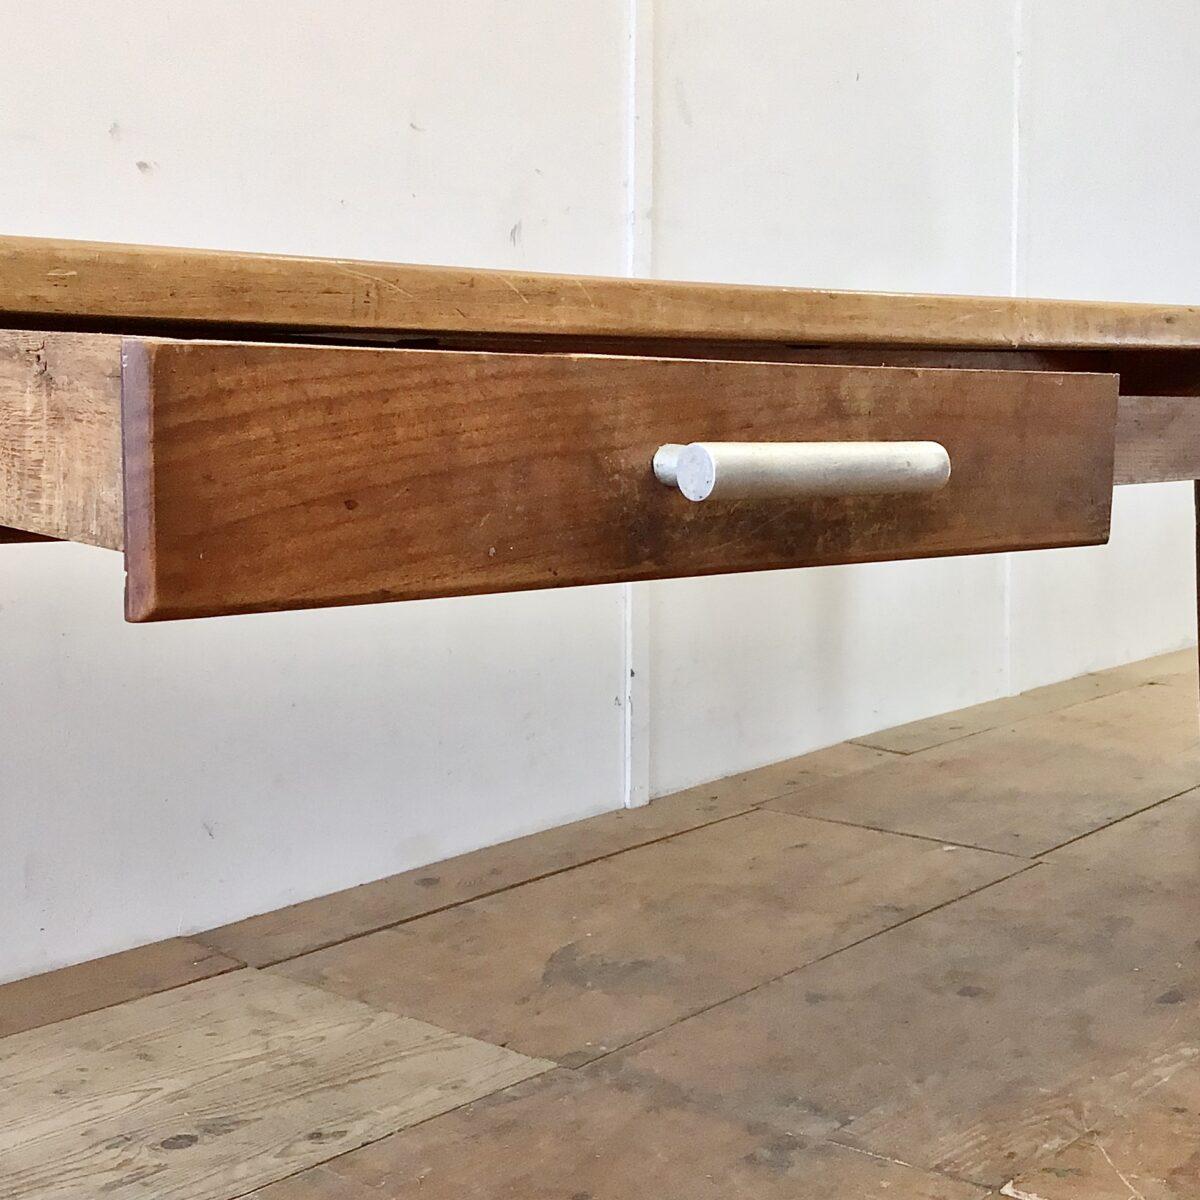 Grosser Biedermeier Esstisch aus Kirschbaum und Eichenholz. 305x99.5cm Höhe 75cm. Dieser Lange antike Holztisch hat zwei Besteck Schubladen, mit Aluminiumguss Griffen. Das Tischblatt ist aus Kirschbaum Vollholz, das Mittelbrett und die beiden Stirnseiten sind aus Eiche. Der Tisch bietet Platz für 12 Personen.